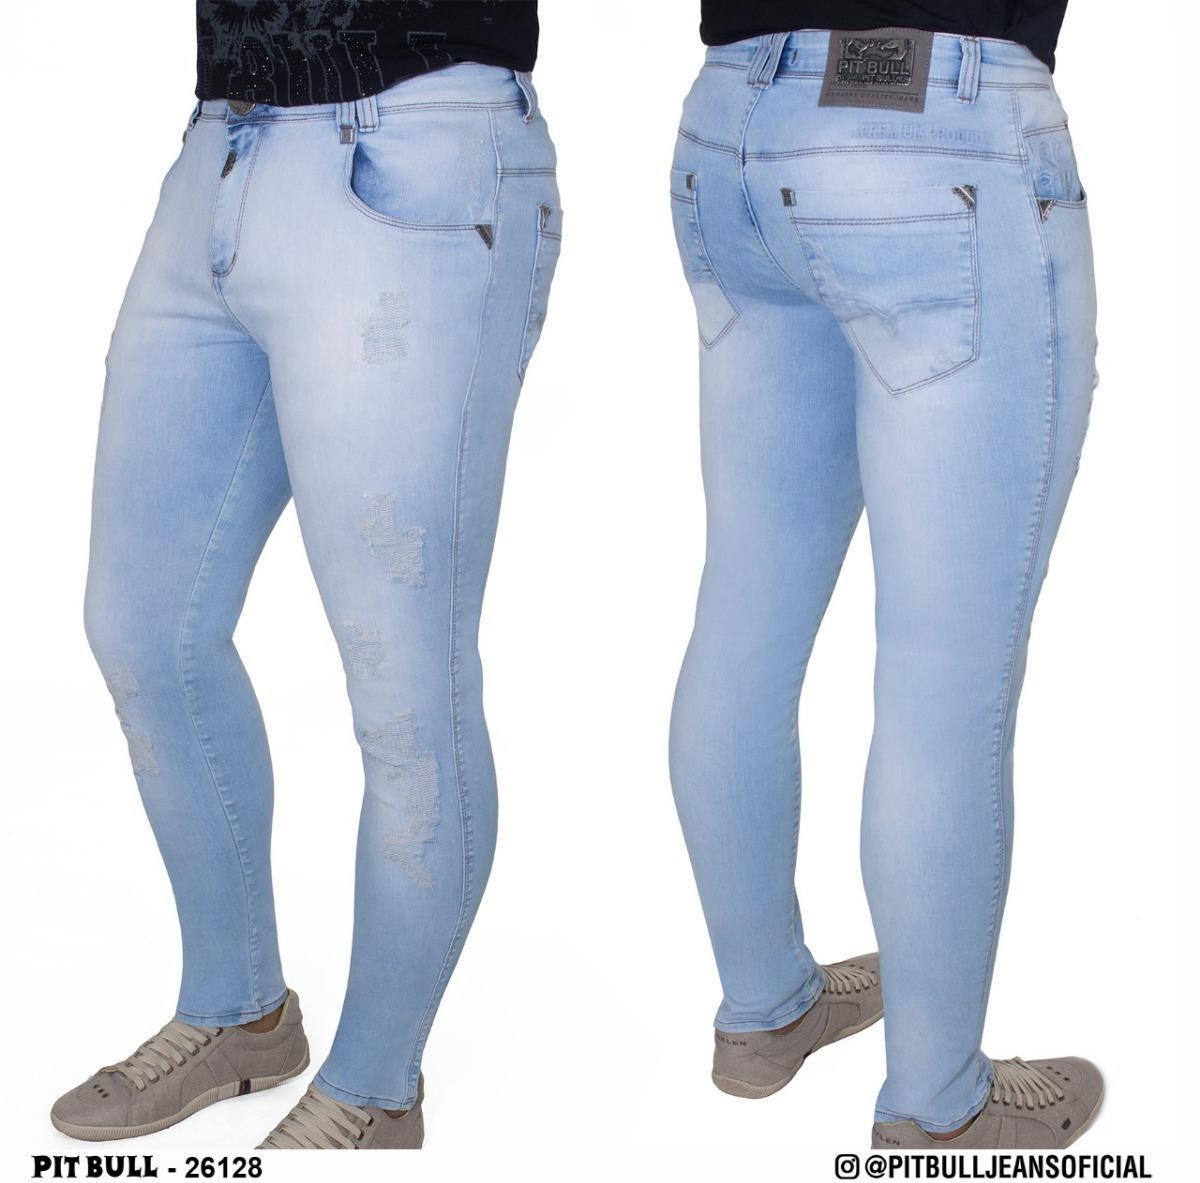 a612ab161 Calça Masculino Super Slim Pit Bull Jeans Ref 26128 - R$ 269,00 em ...